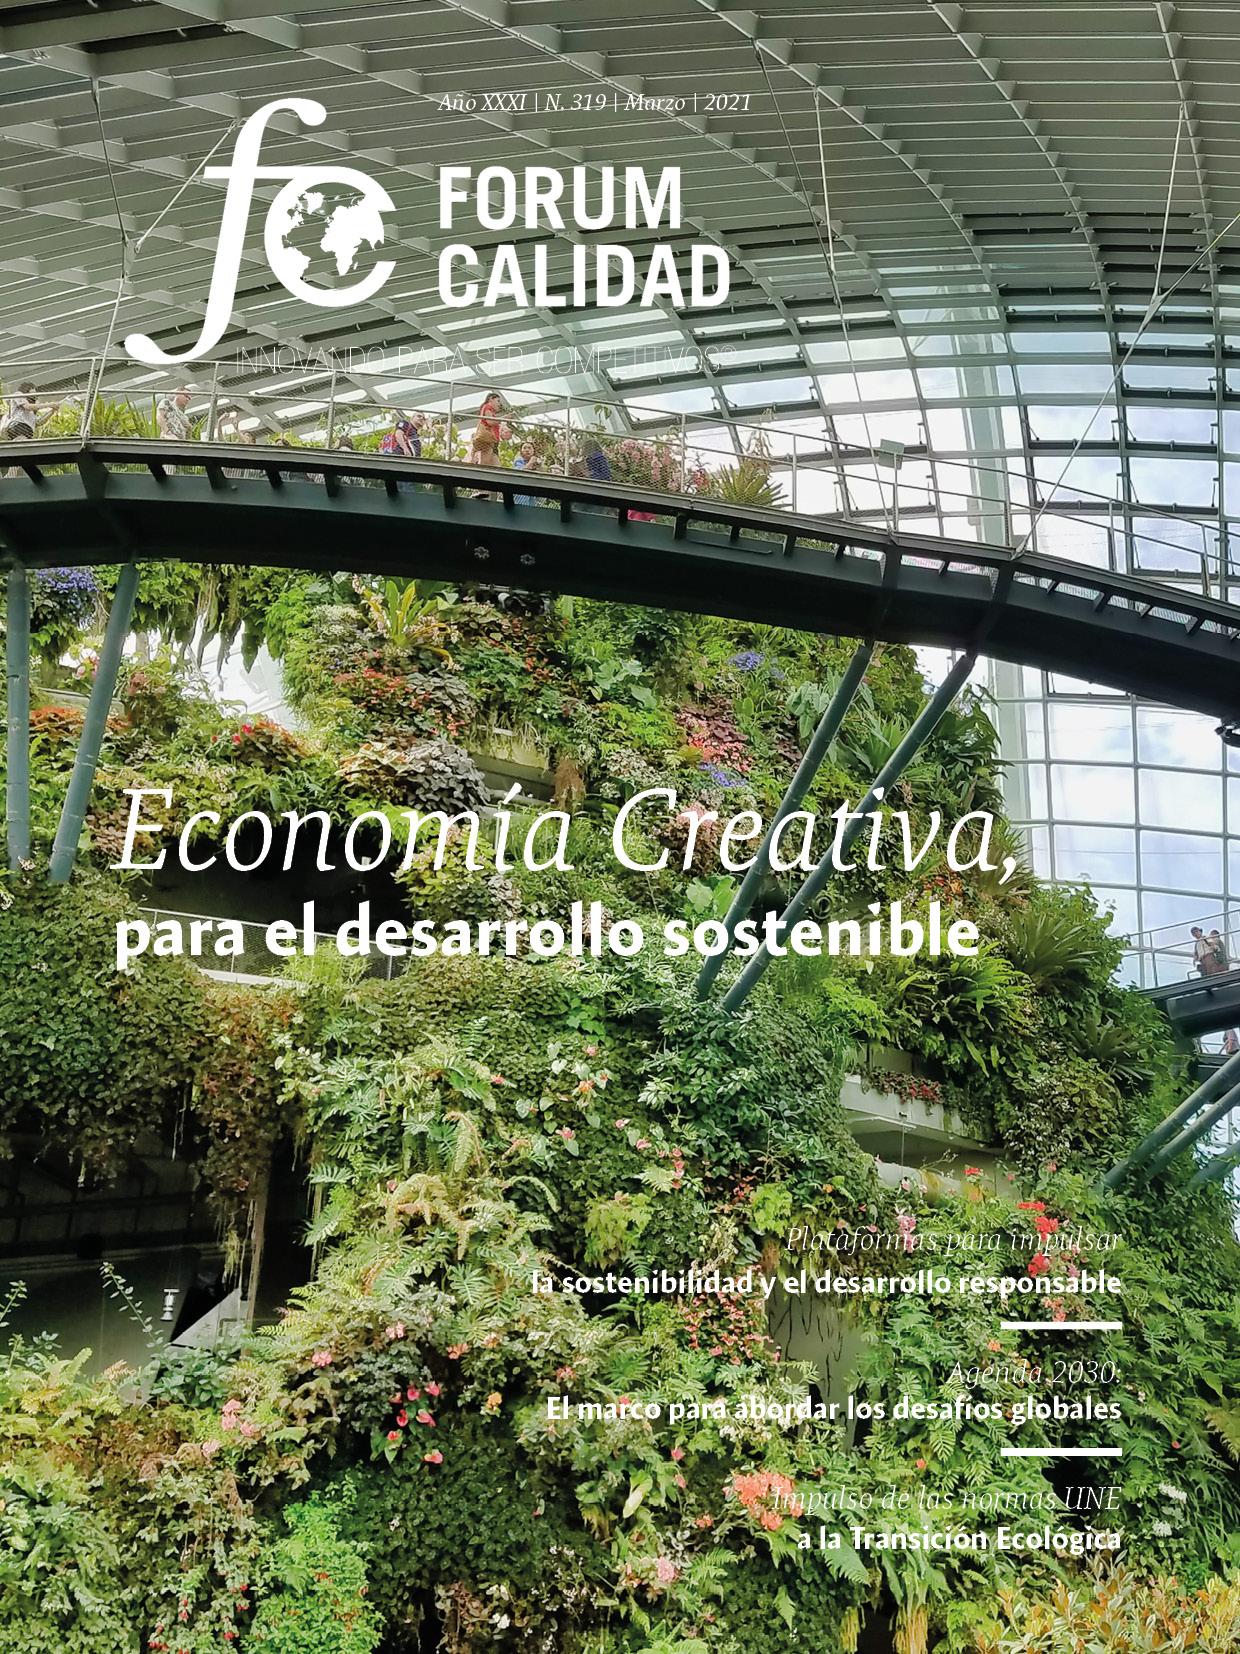 Forum Calidad nº 319 Marzo 2021